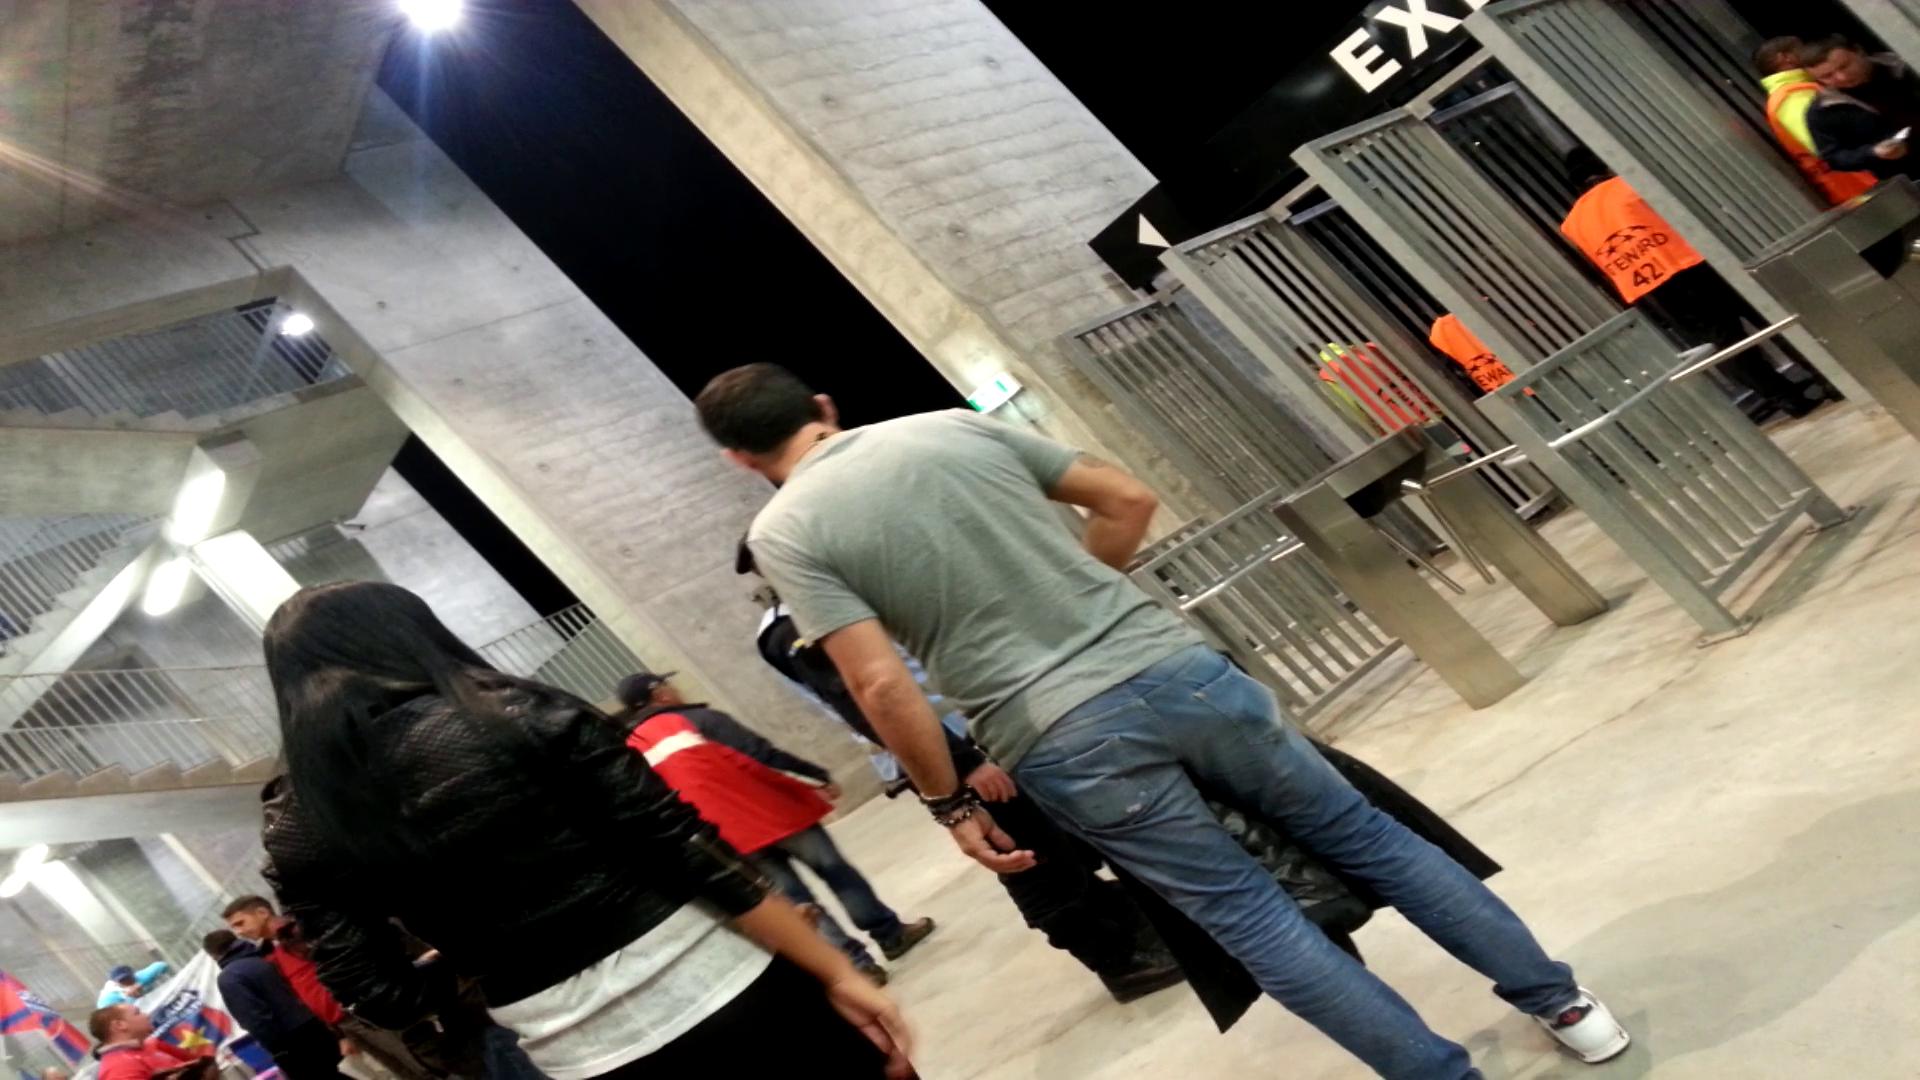 La intrarea pe stadion, Giovanni si-a dat geaca jos pentru ca iubitei prietenului sau ii era frig